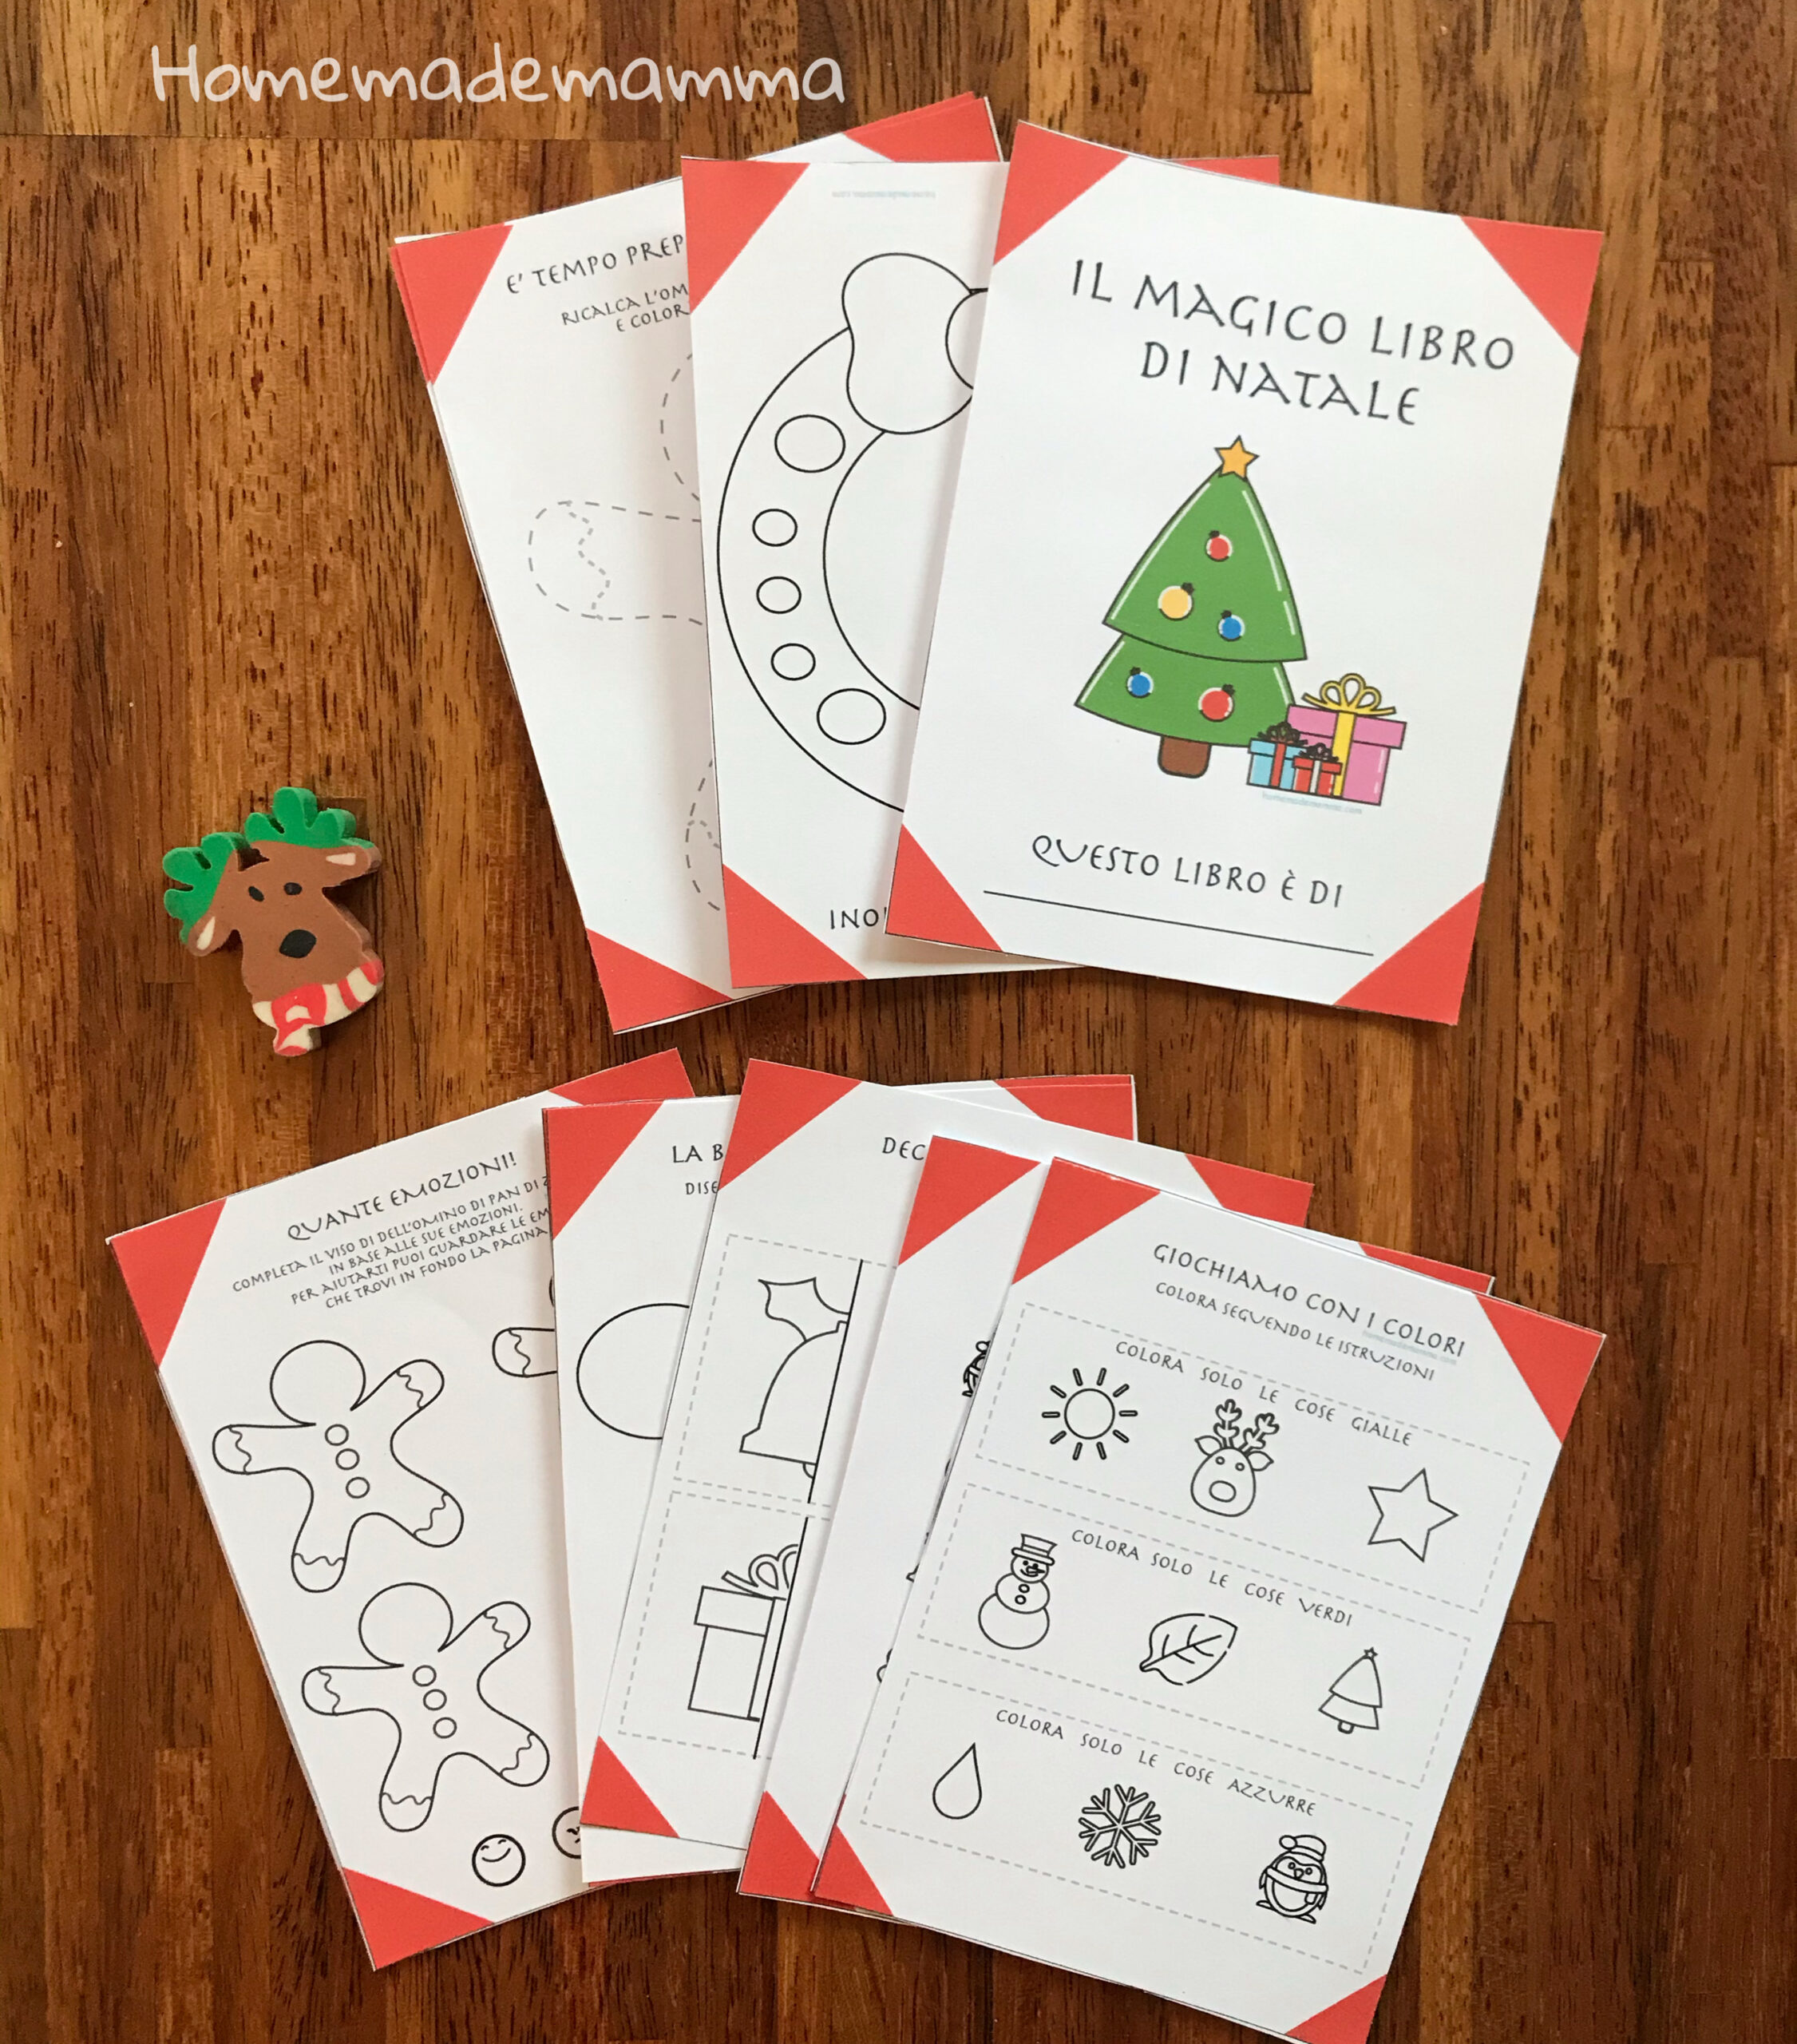 Lavoretti Di Natale Materna.Il Magico Libro Di Natale Per I Bambini Della Scuola Dell Infanzia